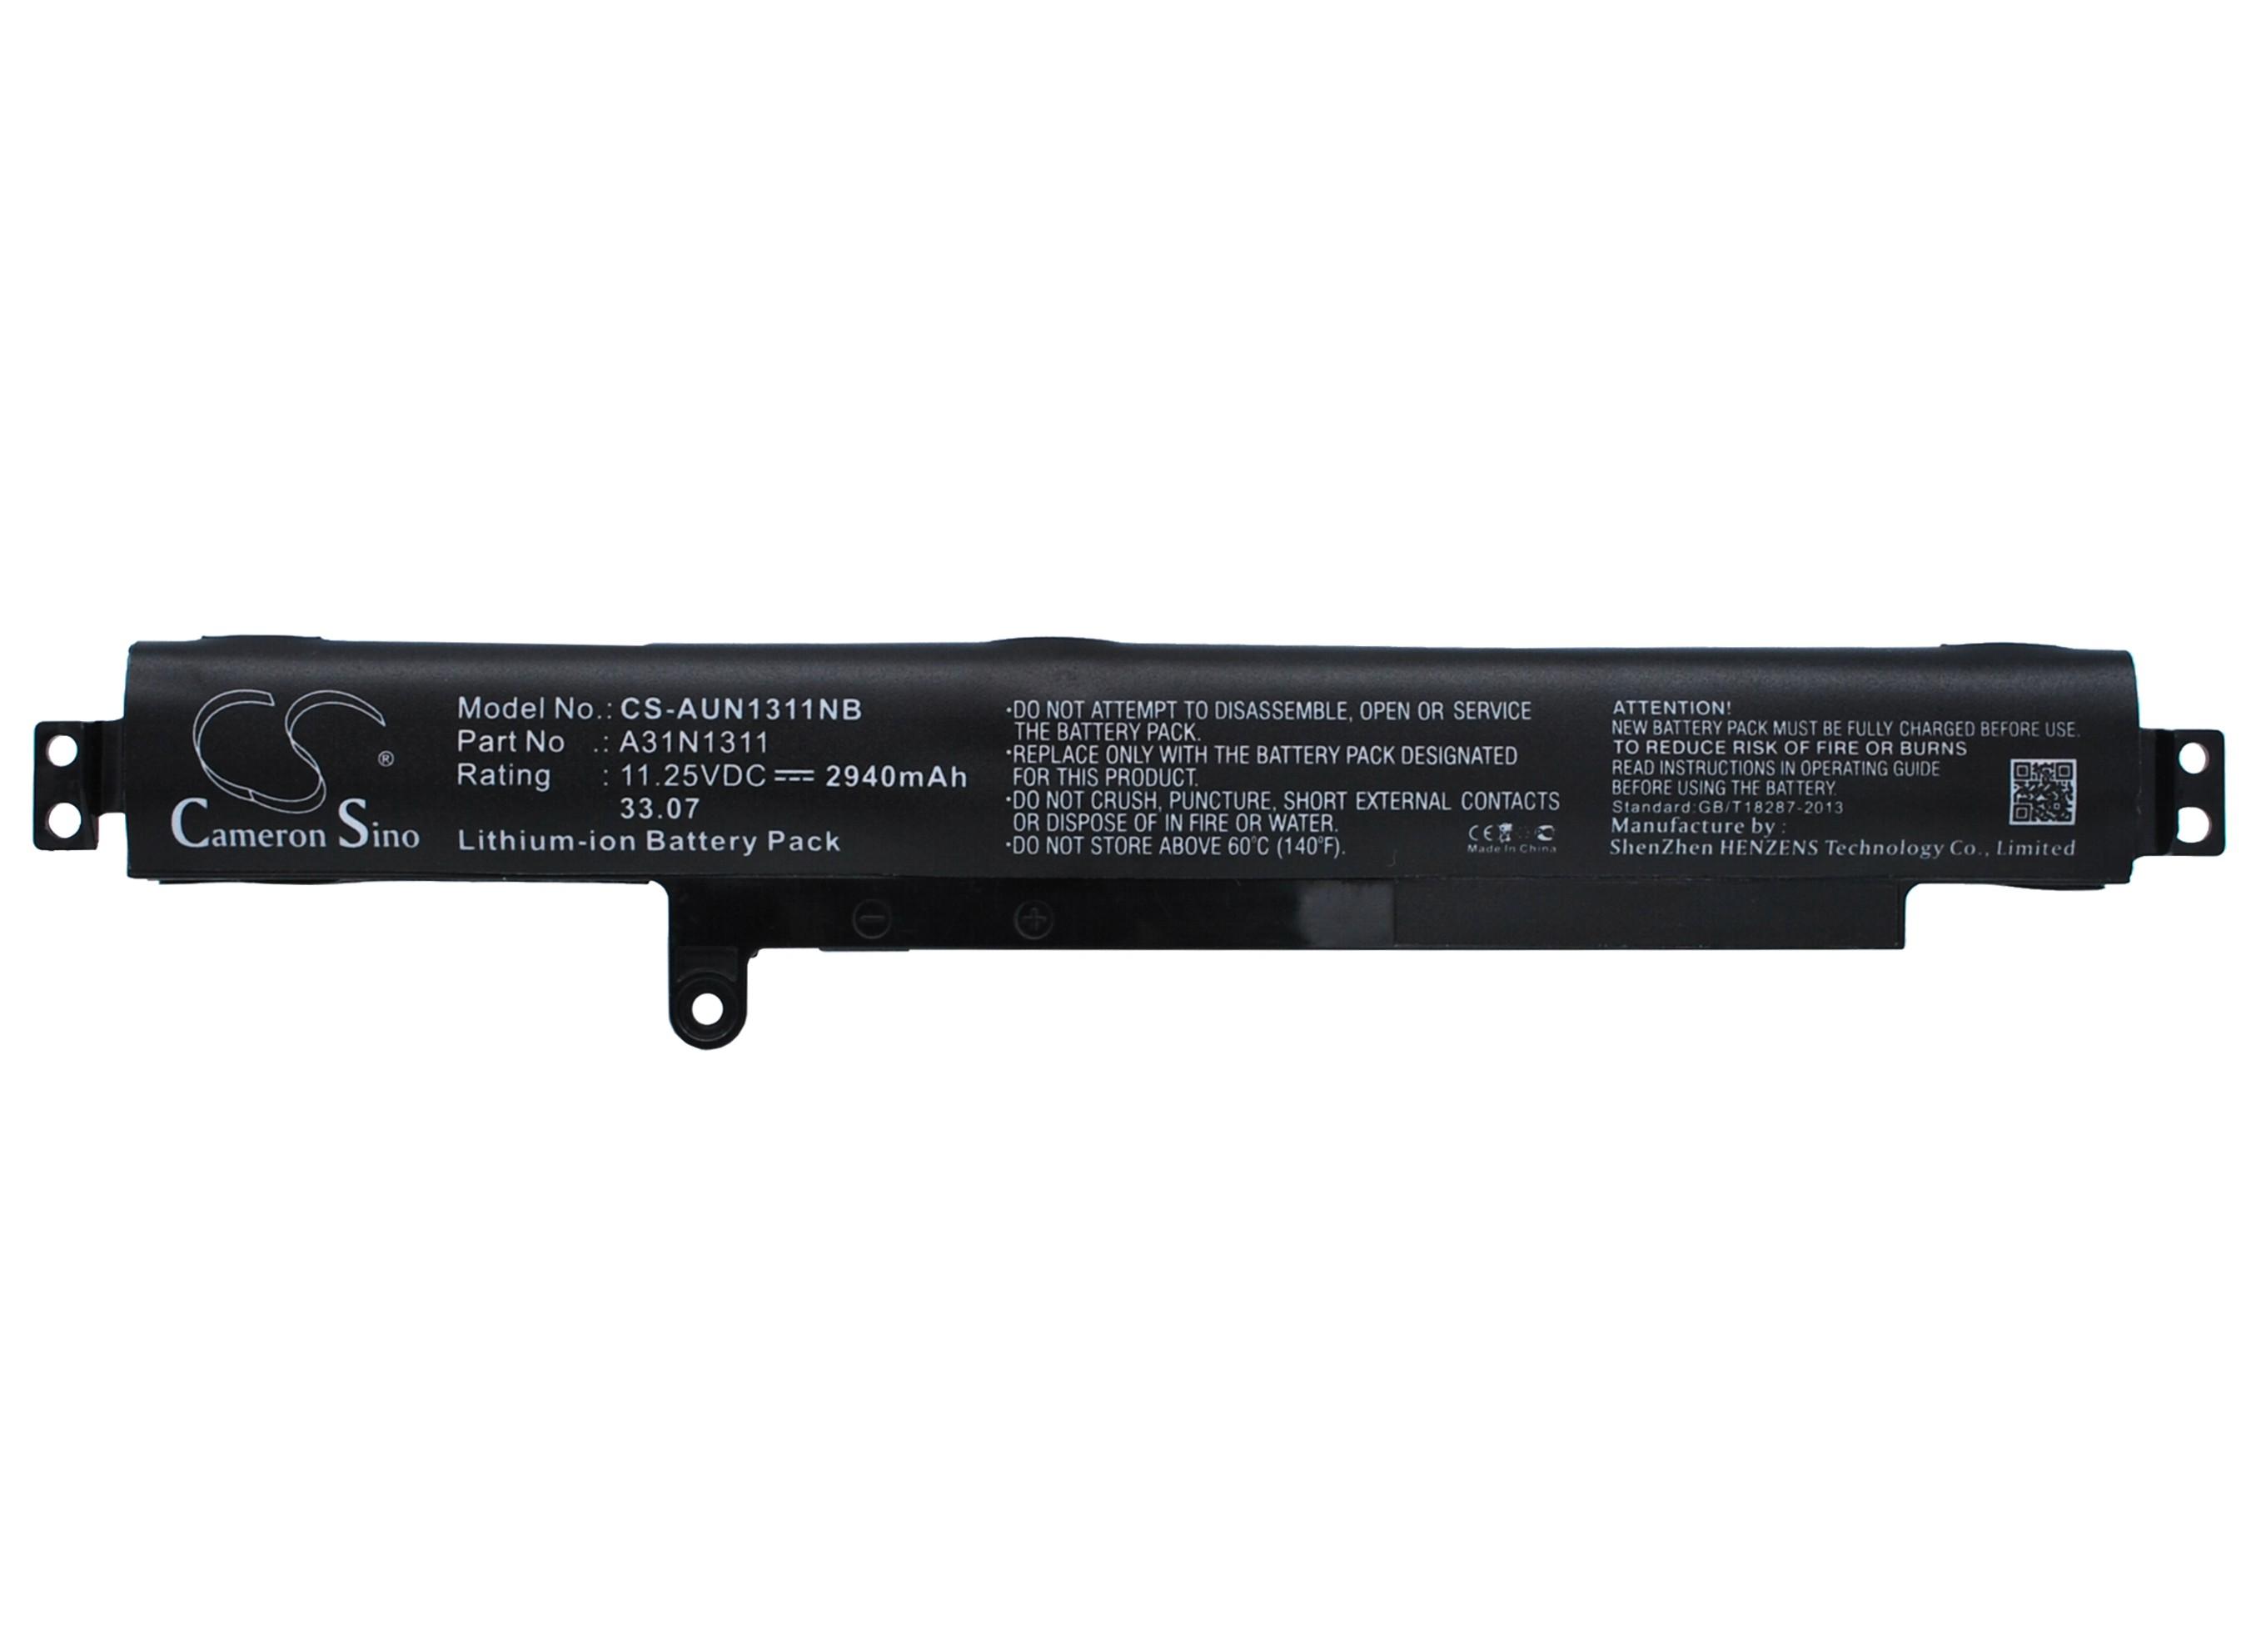 Cameron Sino baterie do notebooků pro ASUS X102BA-BH41T 11.25V Li-ion 2940mAh černá - neoriginální